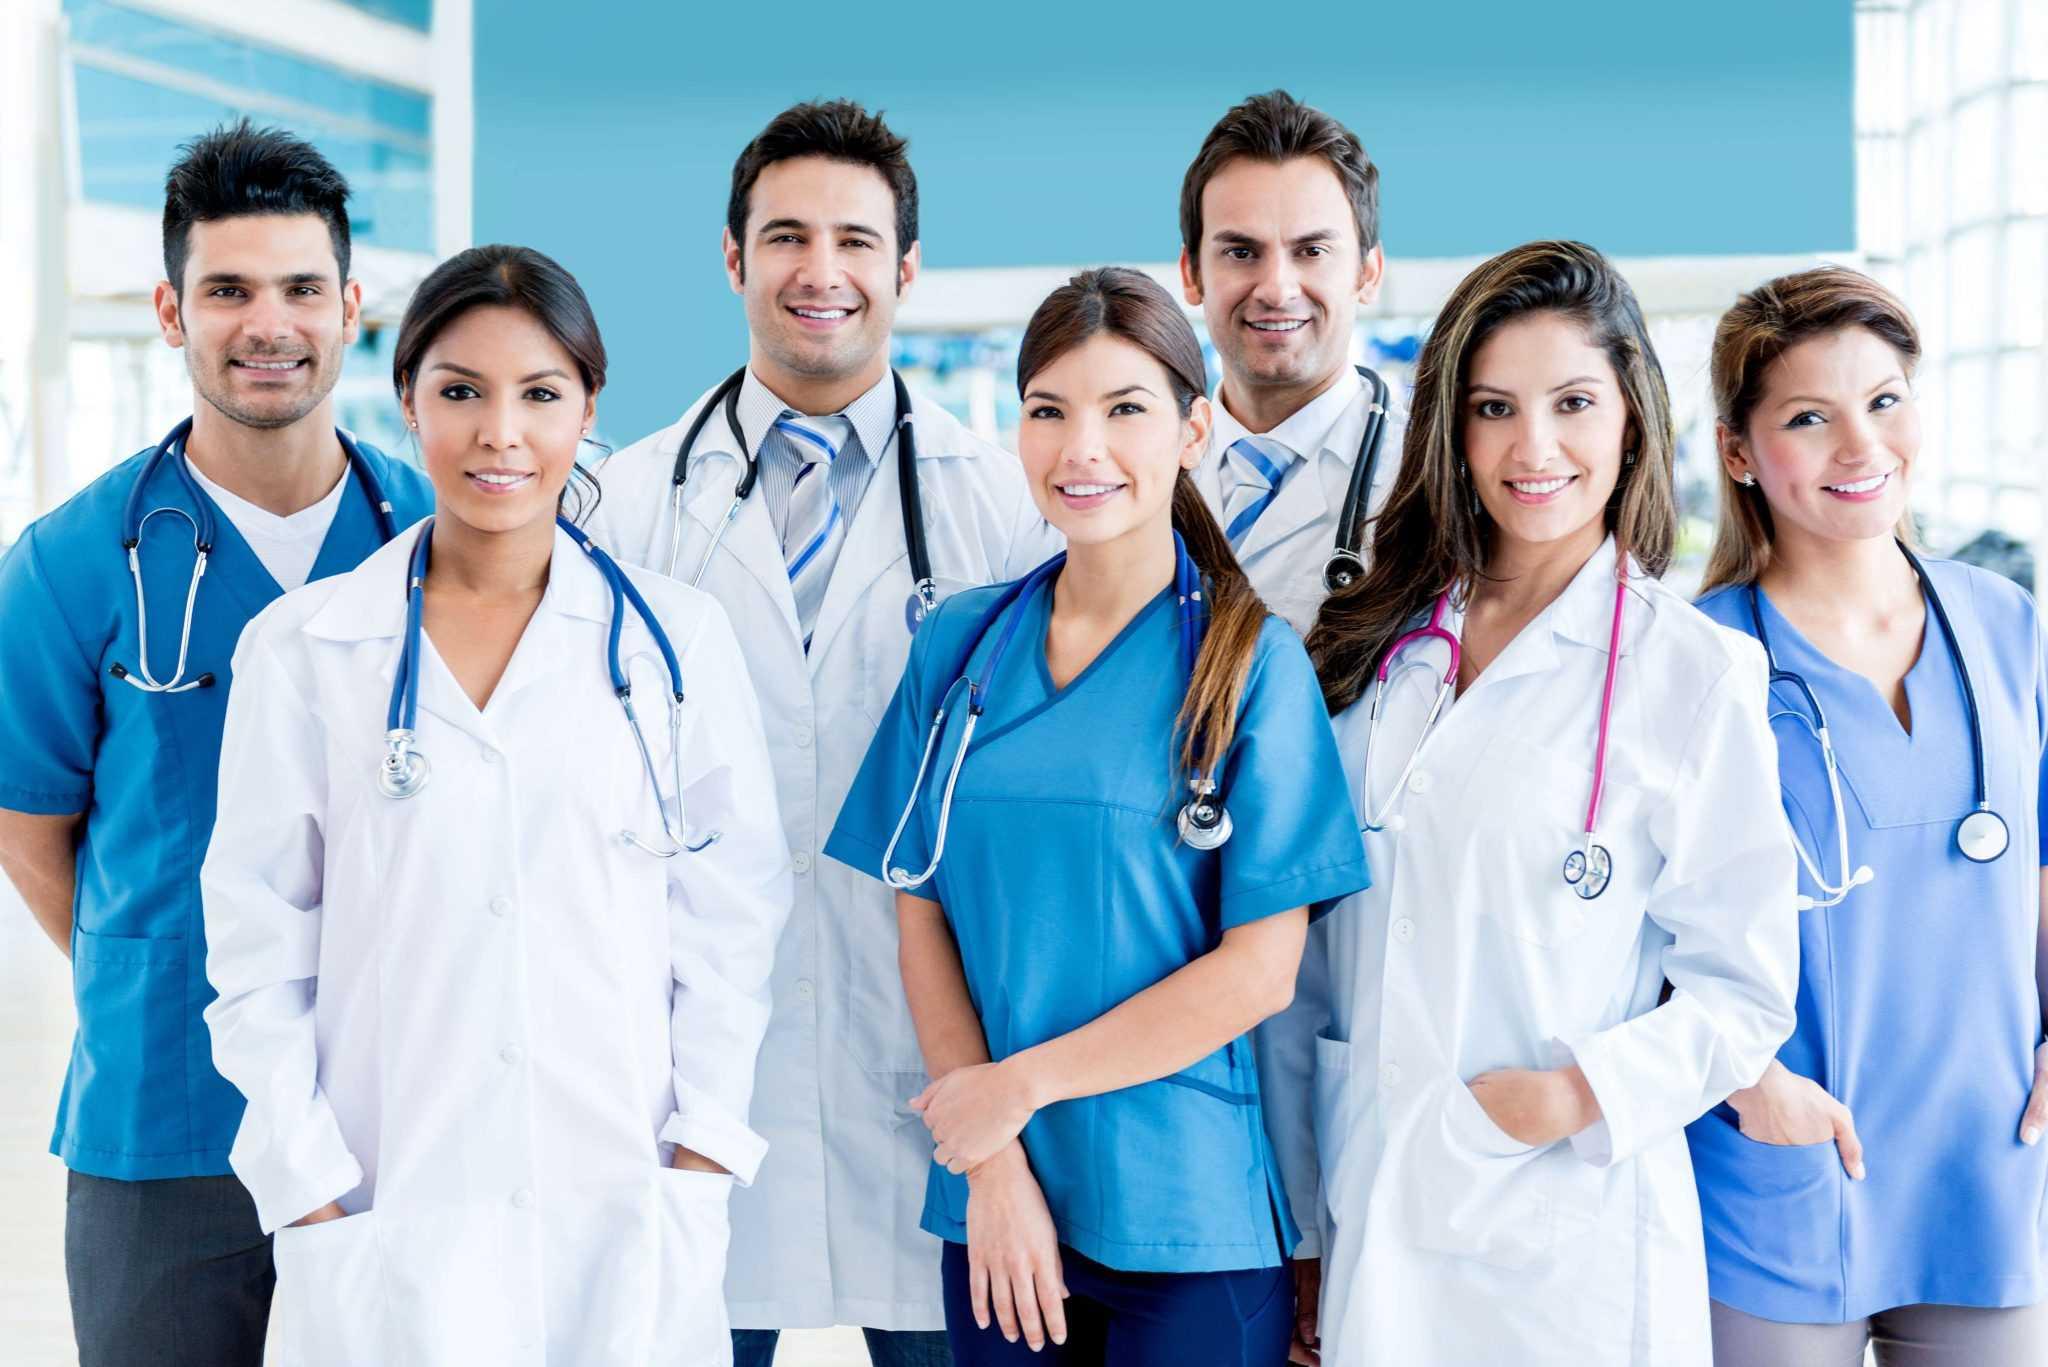 Как проводится анализ медицинских изображений